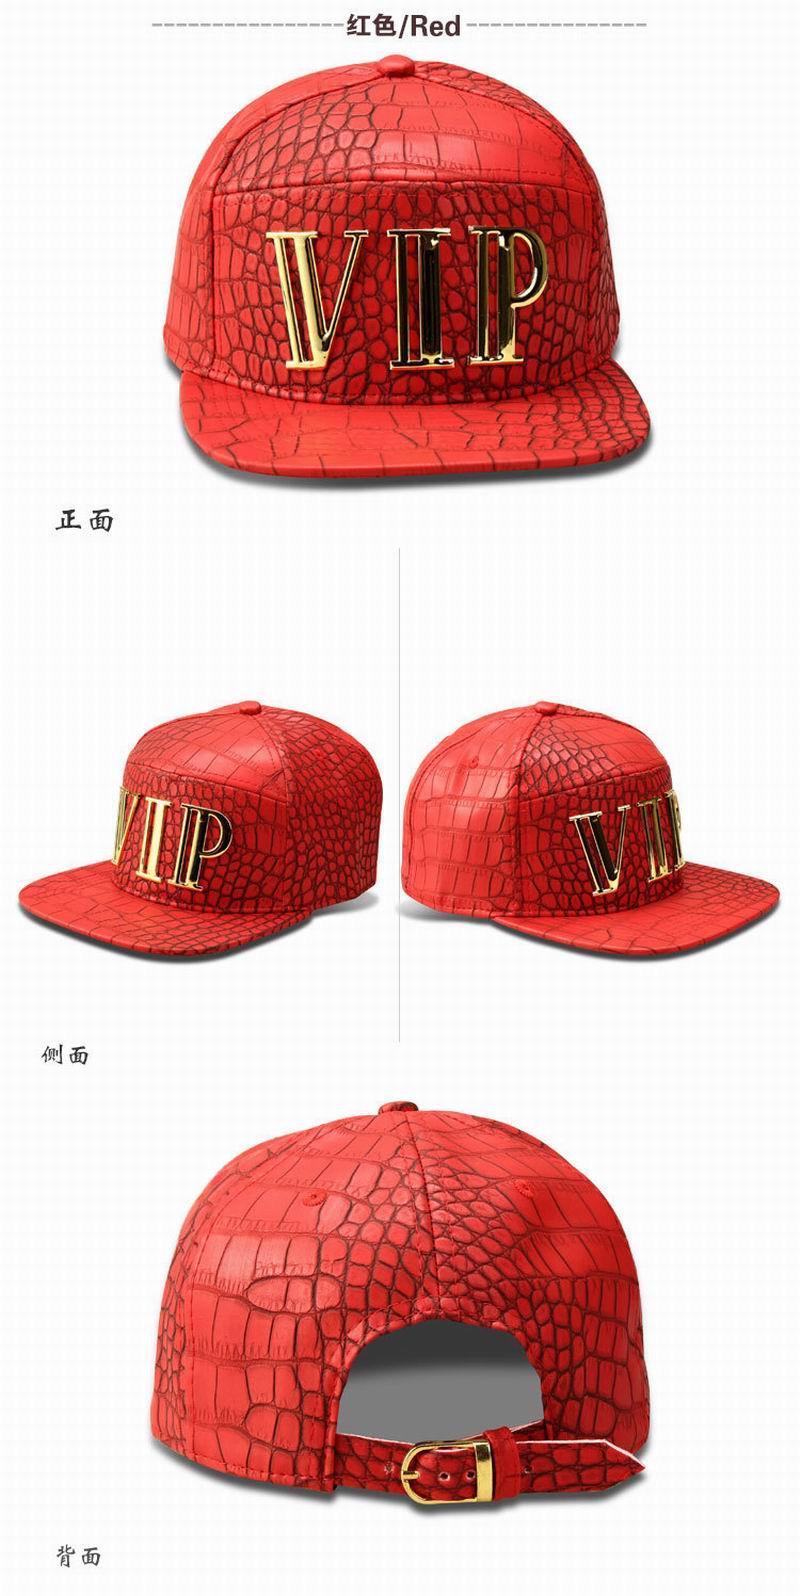 Vip caps (4)